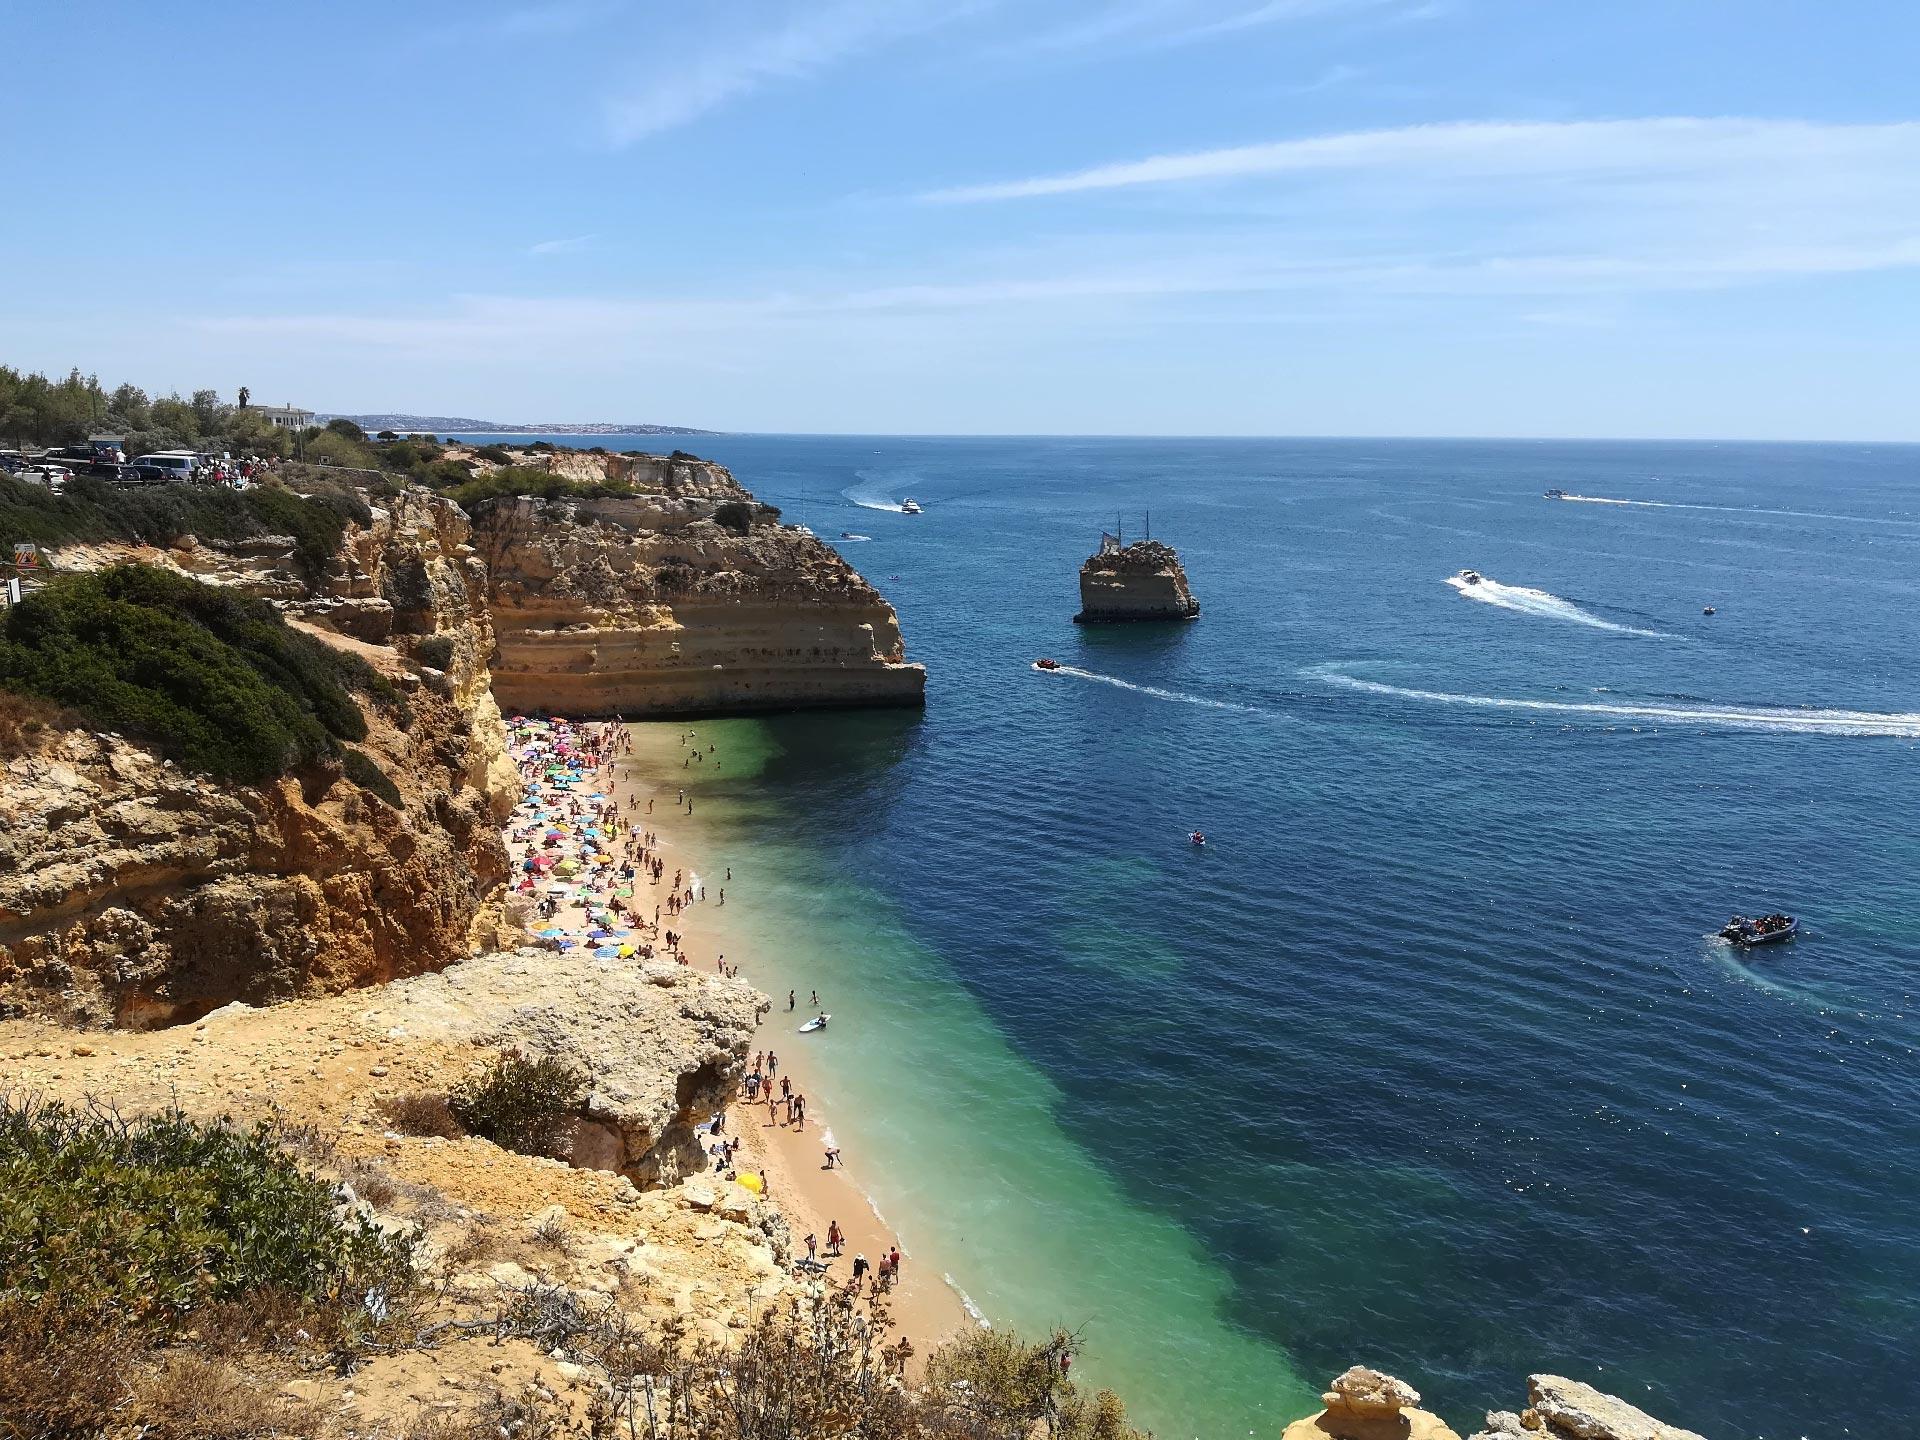 Veduta dall'alto di Praia da Marinha (spiaggia con falesie), Portimao, Portogallo